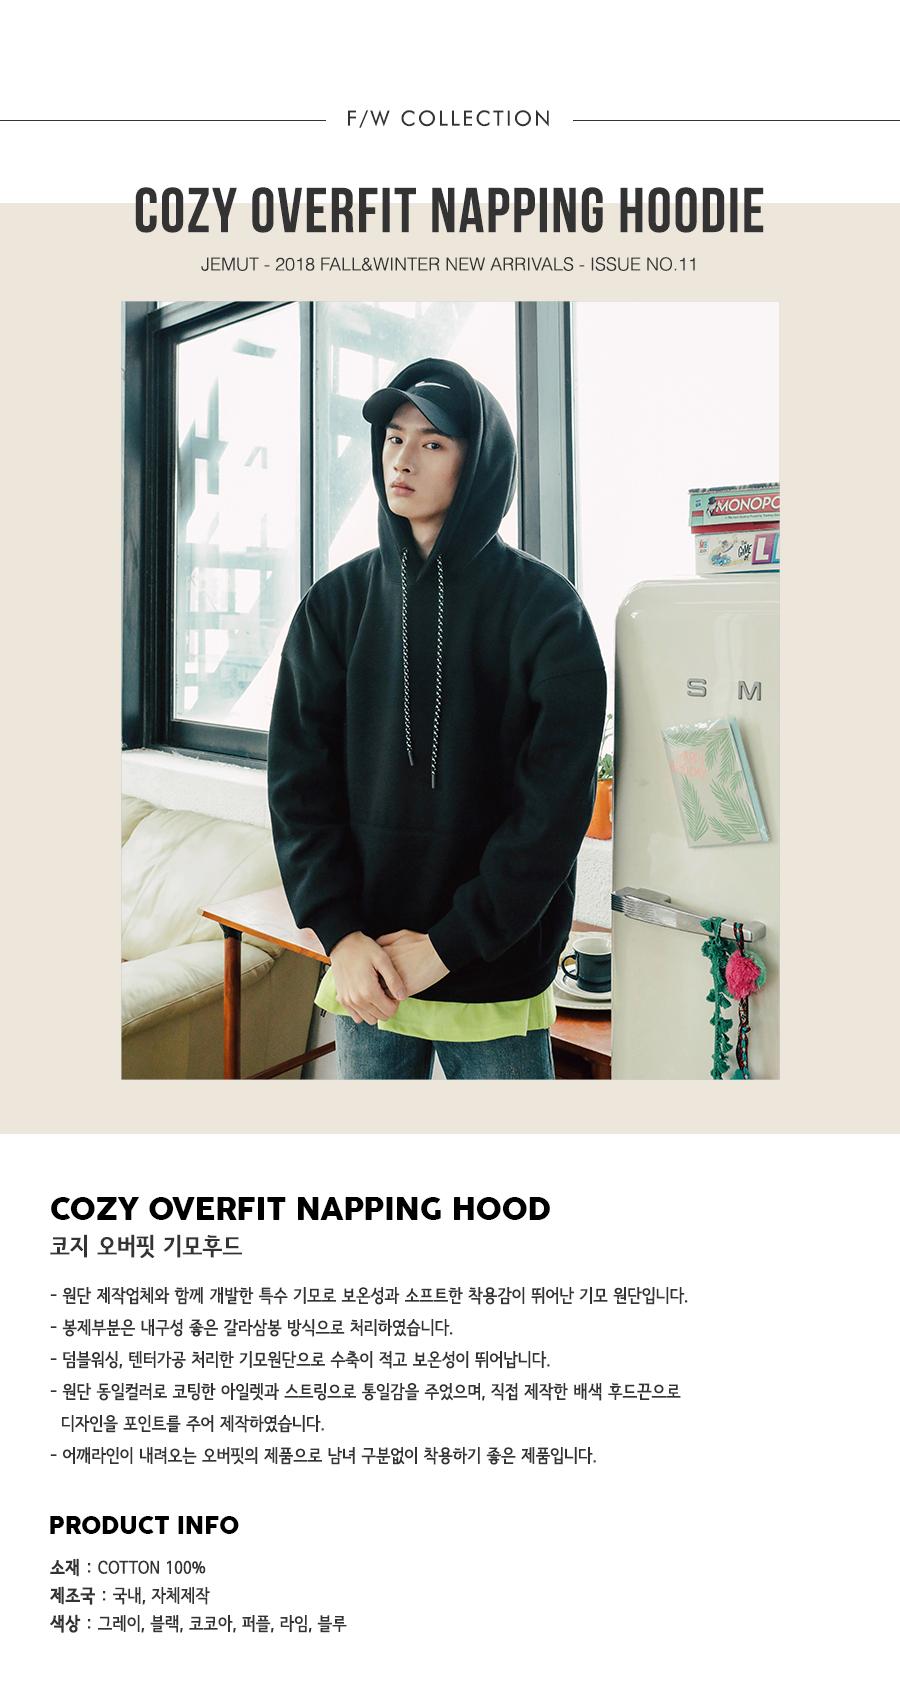 20180911_cozy_overfit_hood_title_kj.jpg